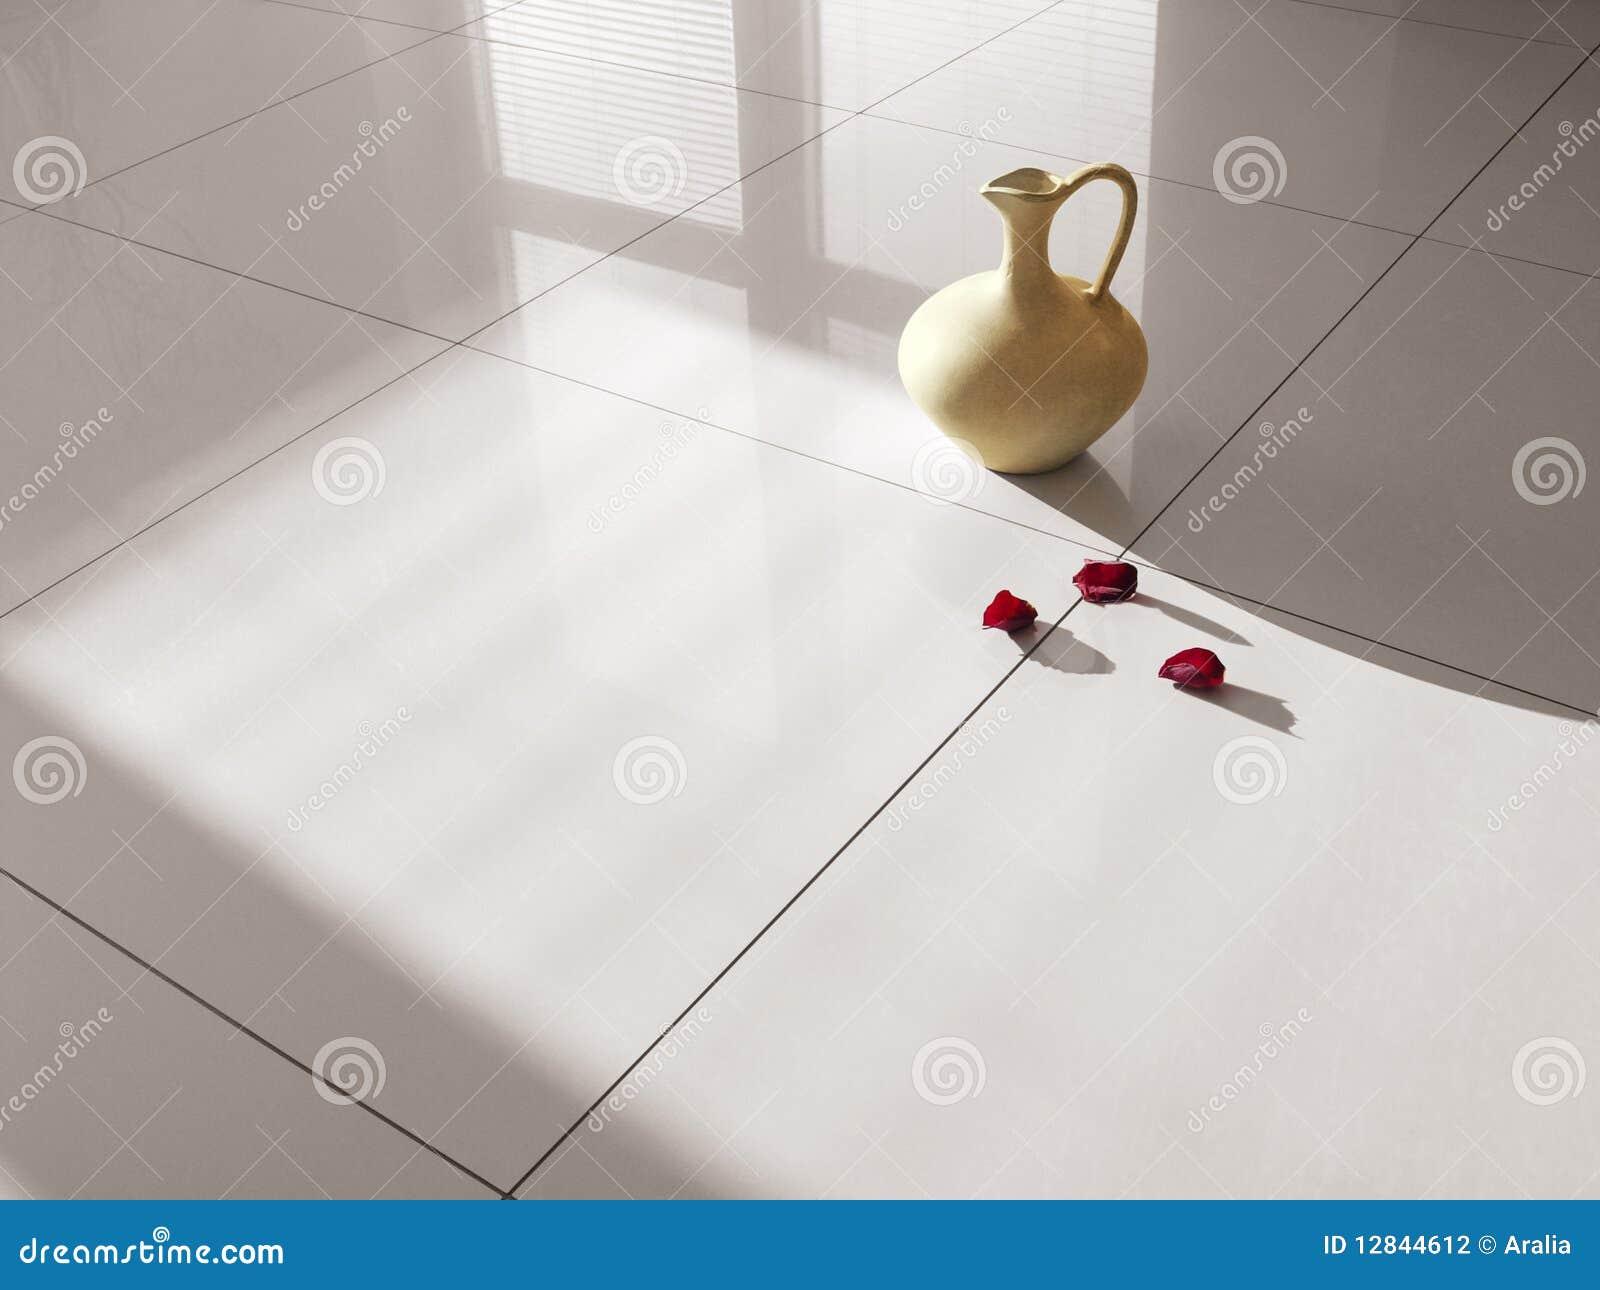 Sehr Fußbodenfliese-Porzellanfliesen Stockfoto - Bild von hart, dekor WU35